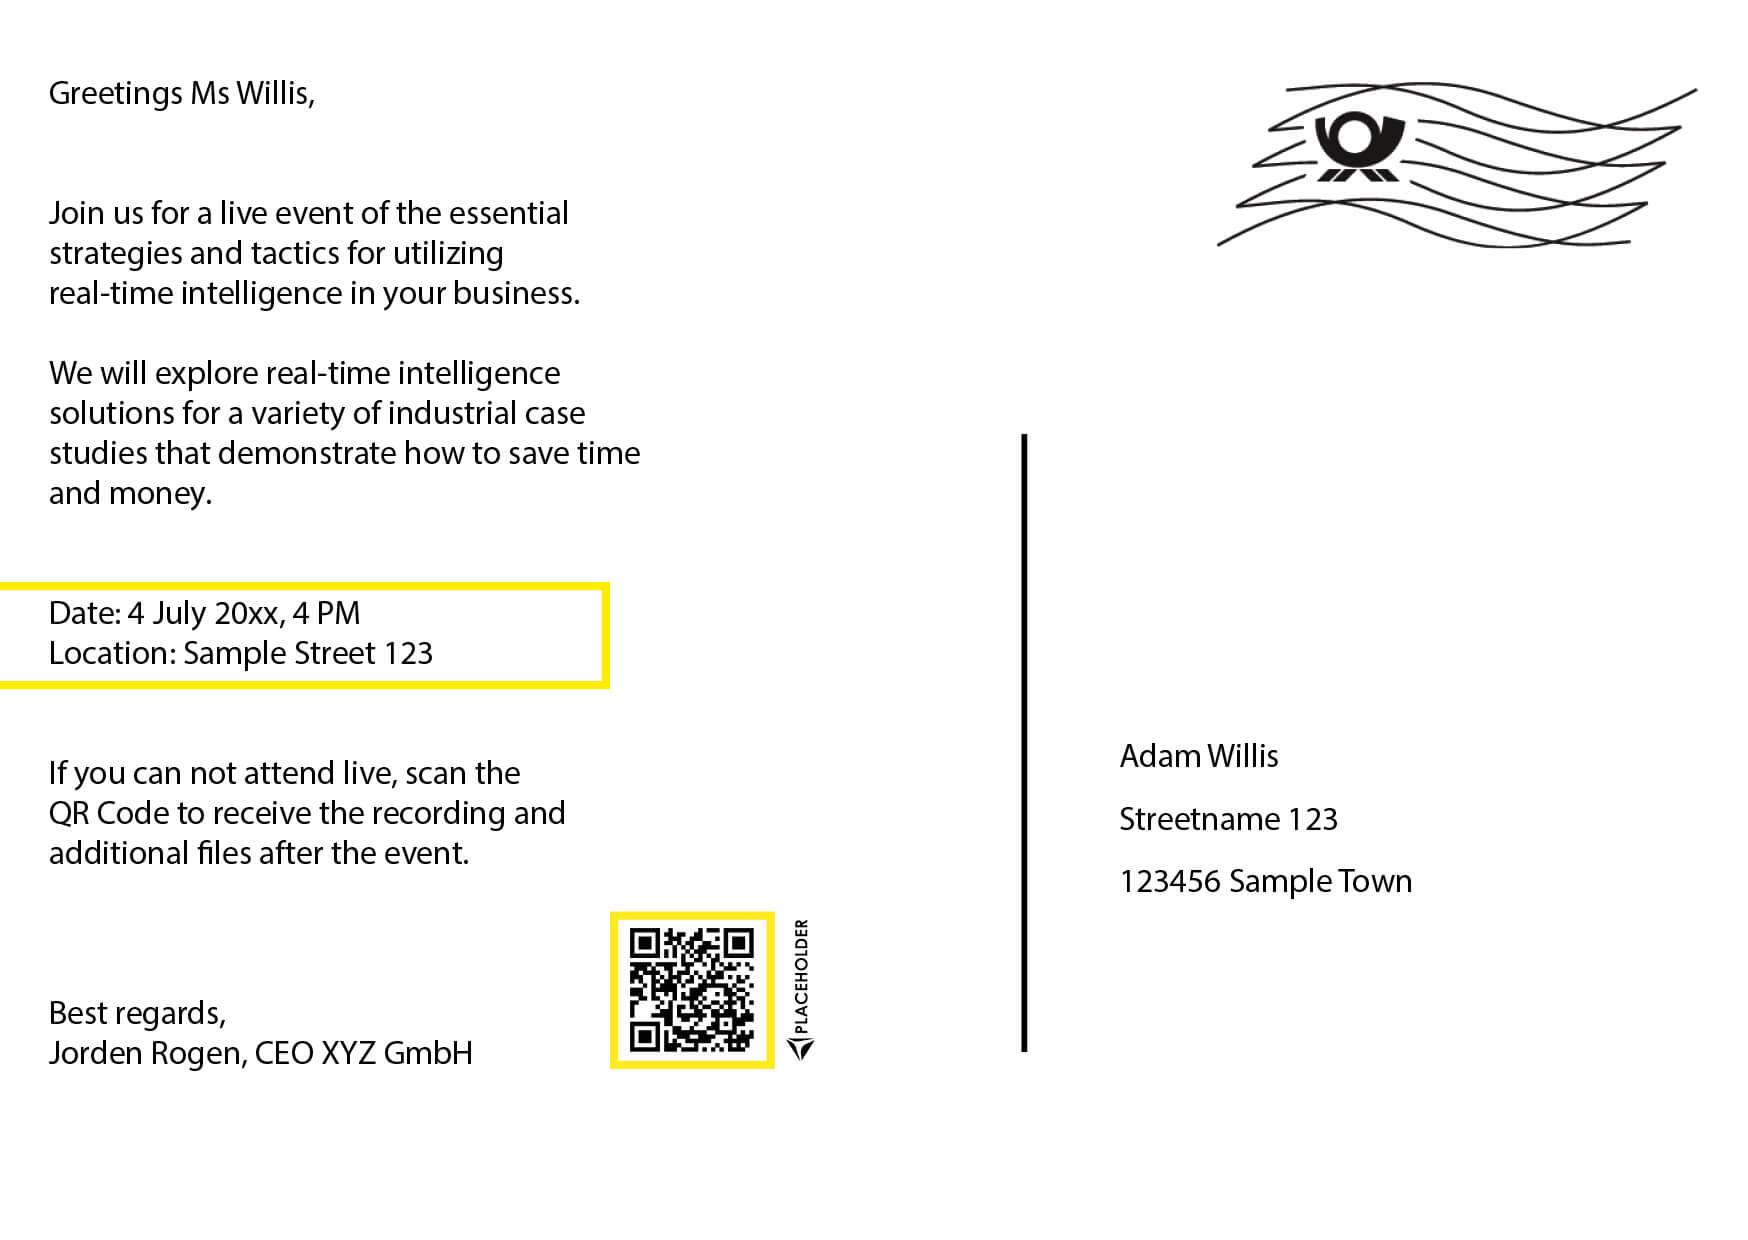 Sample cards Partner Lufthansa back